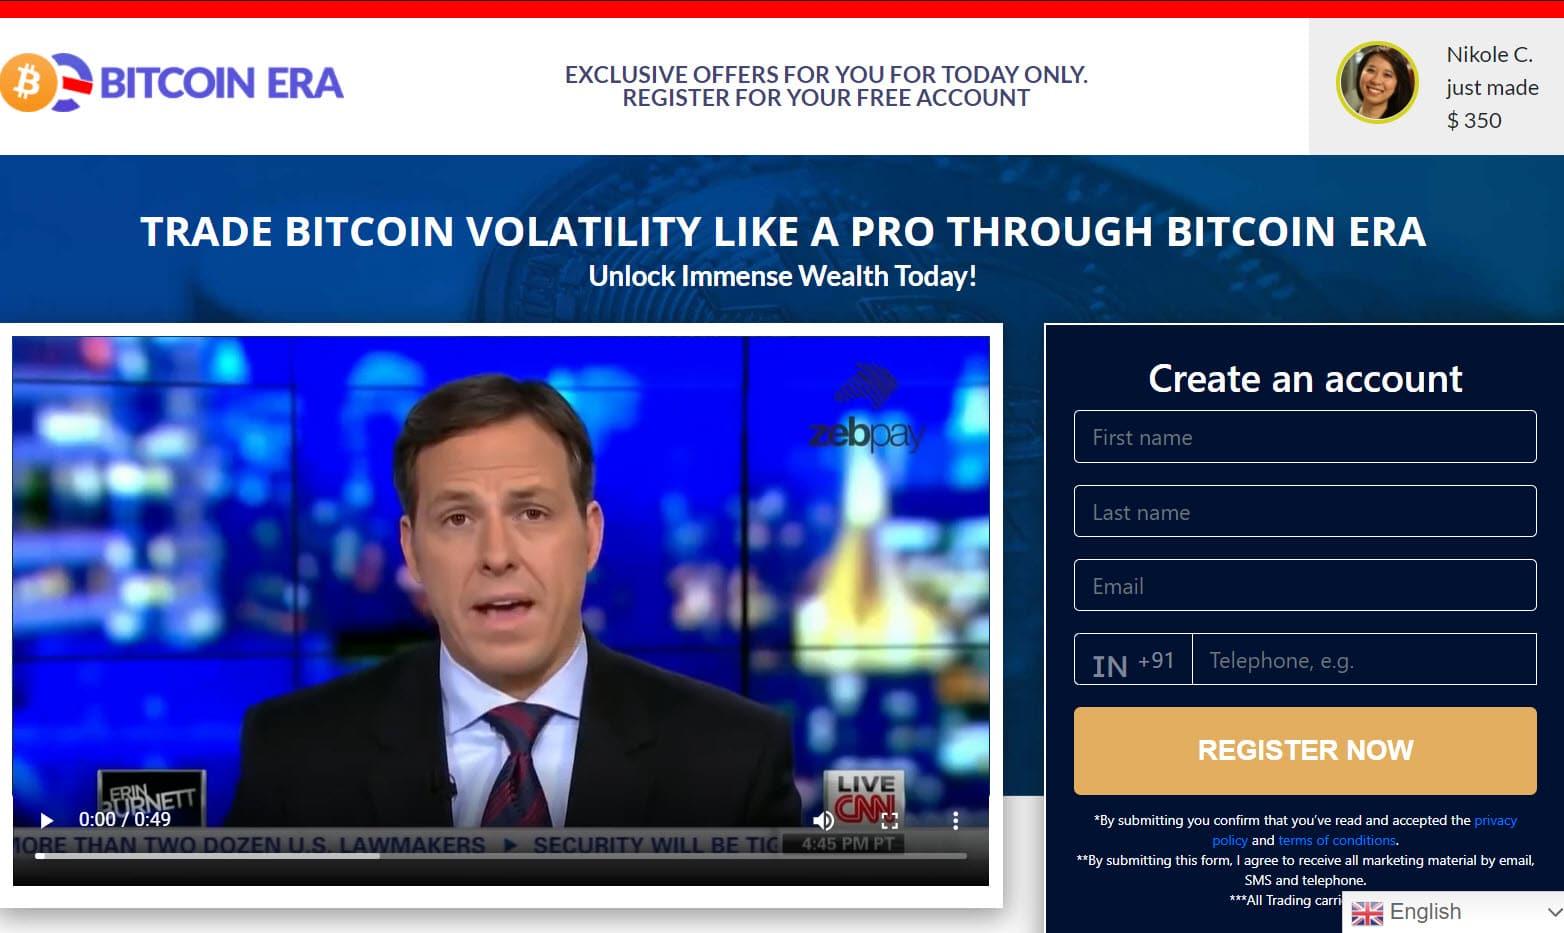 Bitcoin Era Robot